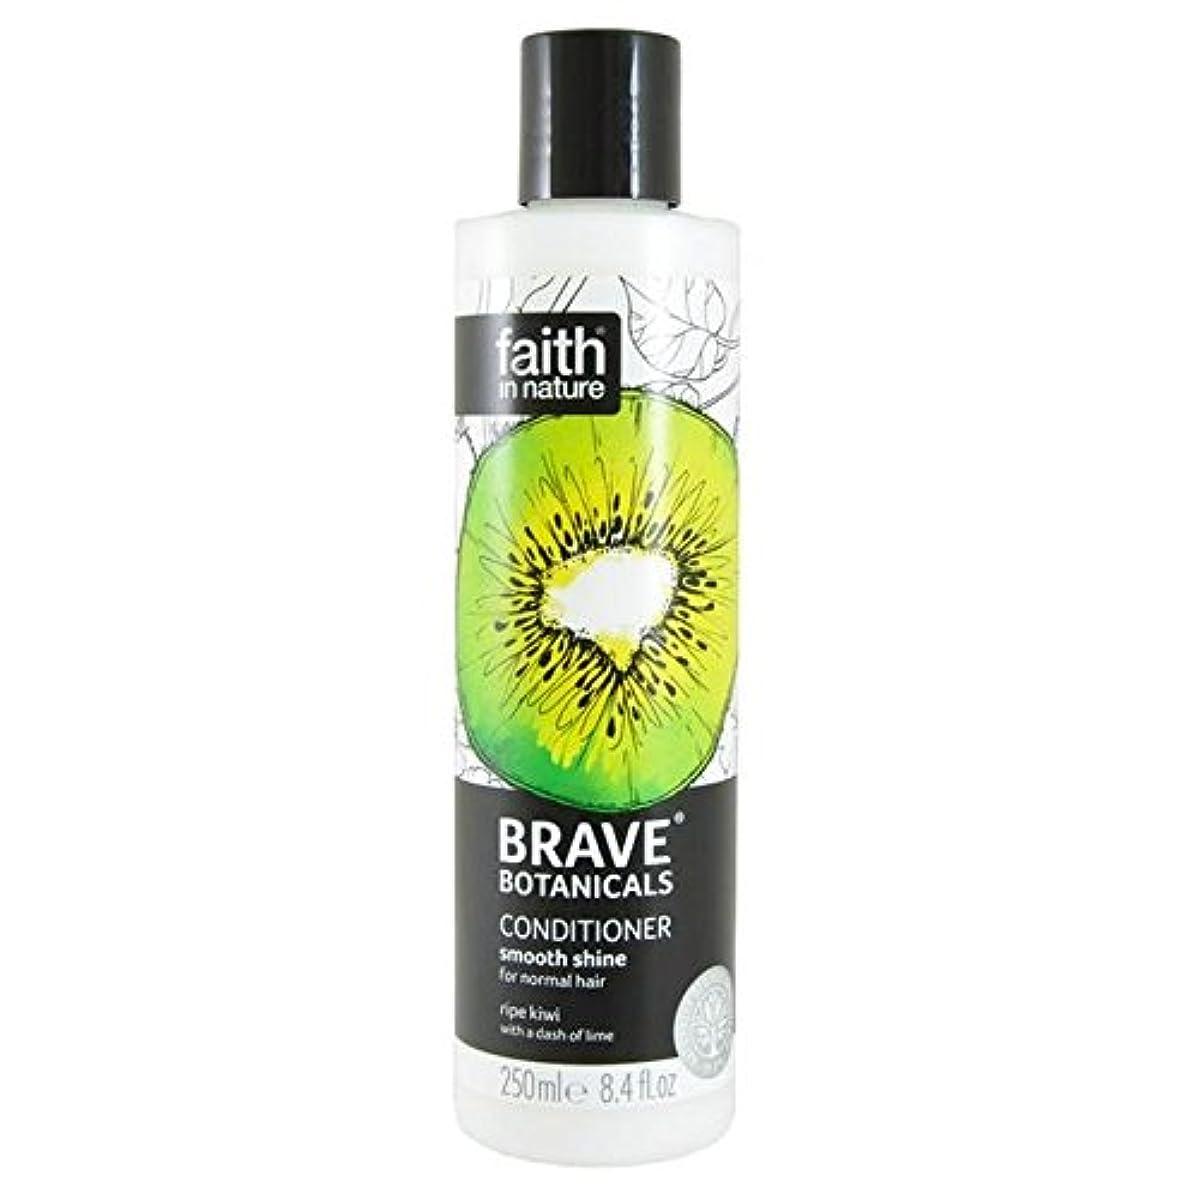 本体債務伝統的Brave Botanicals Kiwi & Lime Smooth Shine Conditioner 250ml - (Faith In Nature) 勇敢な植物キウイ&ライムなめらかな輝きコンディショナー250Ml...